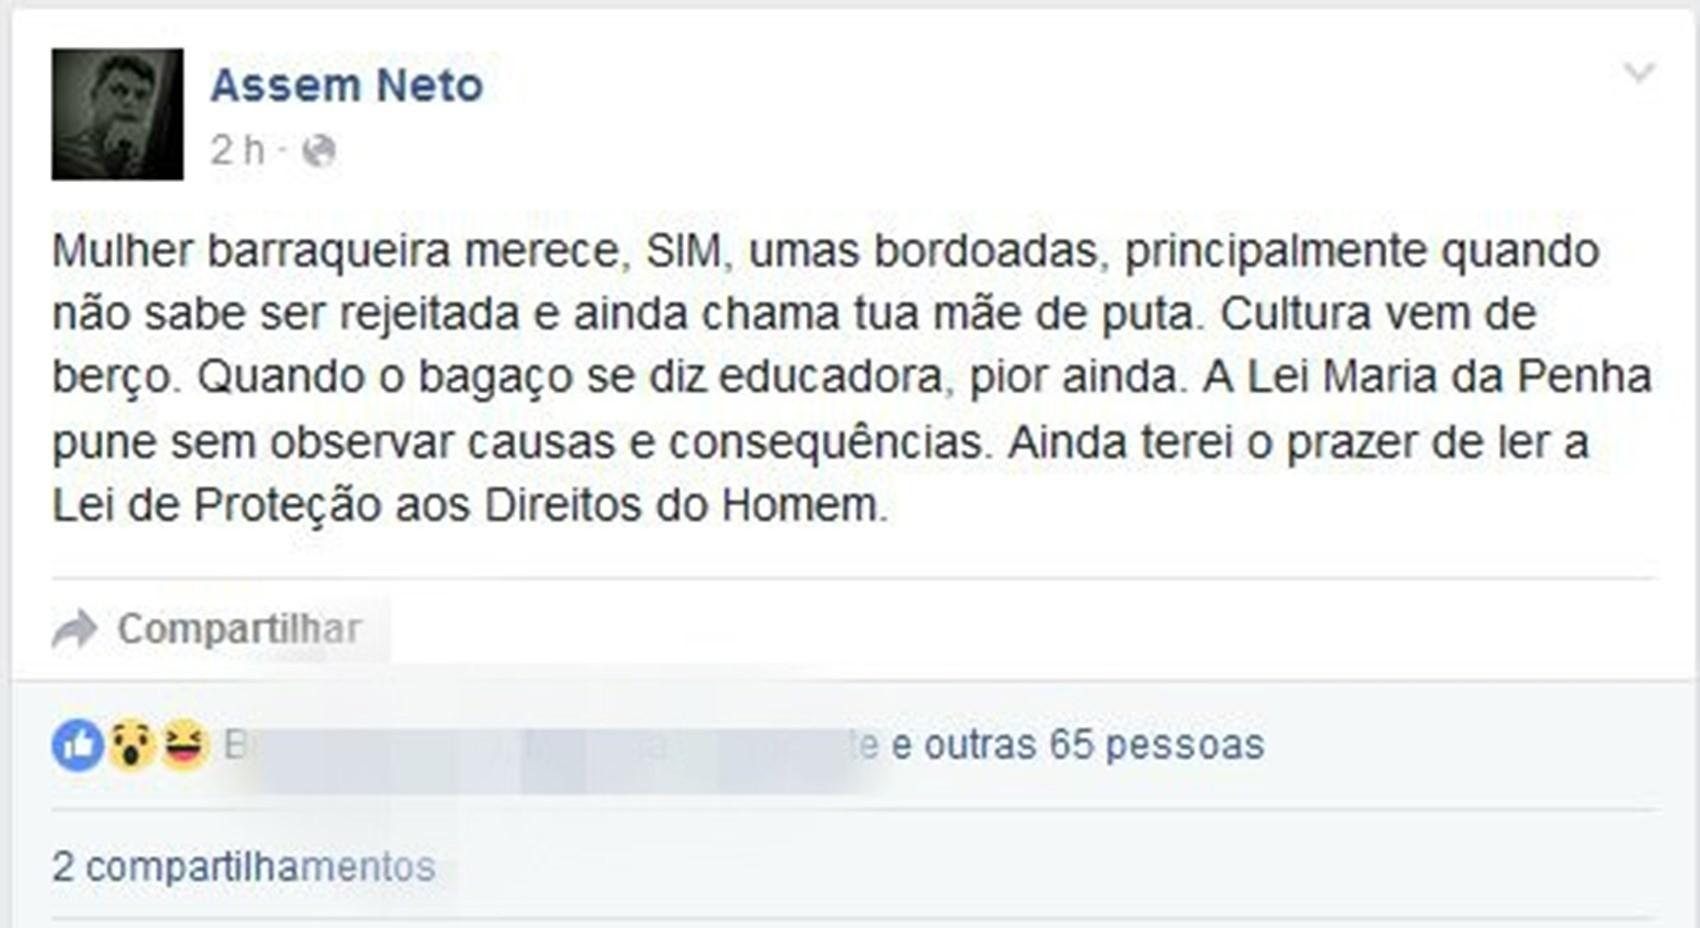 """No Facebook, jornalista defendeu agressões contra mulheres """"barraqueiras"""" (Foto: Reprodução/Facebook)"""